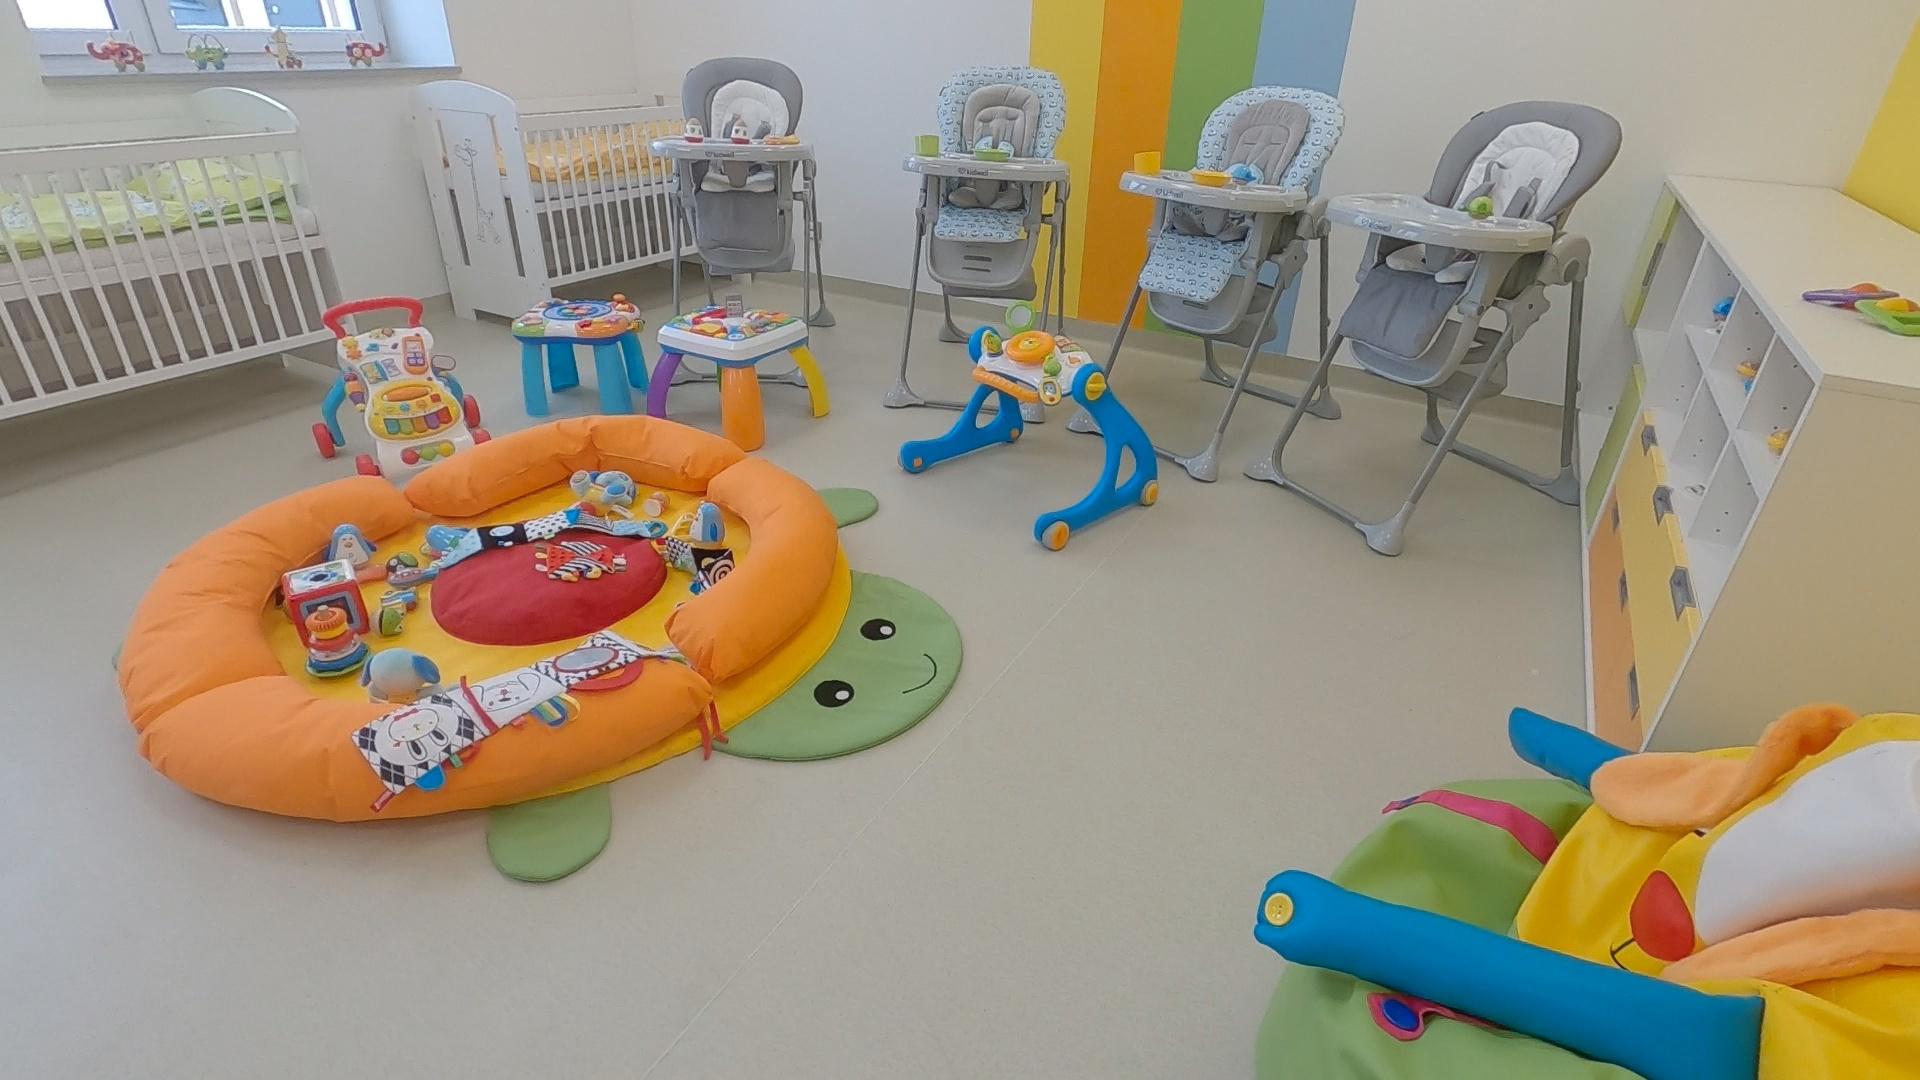 Zdjęcie przedstawiające wnętrze sali żłobkowej